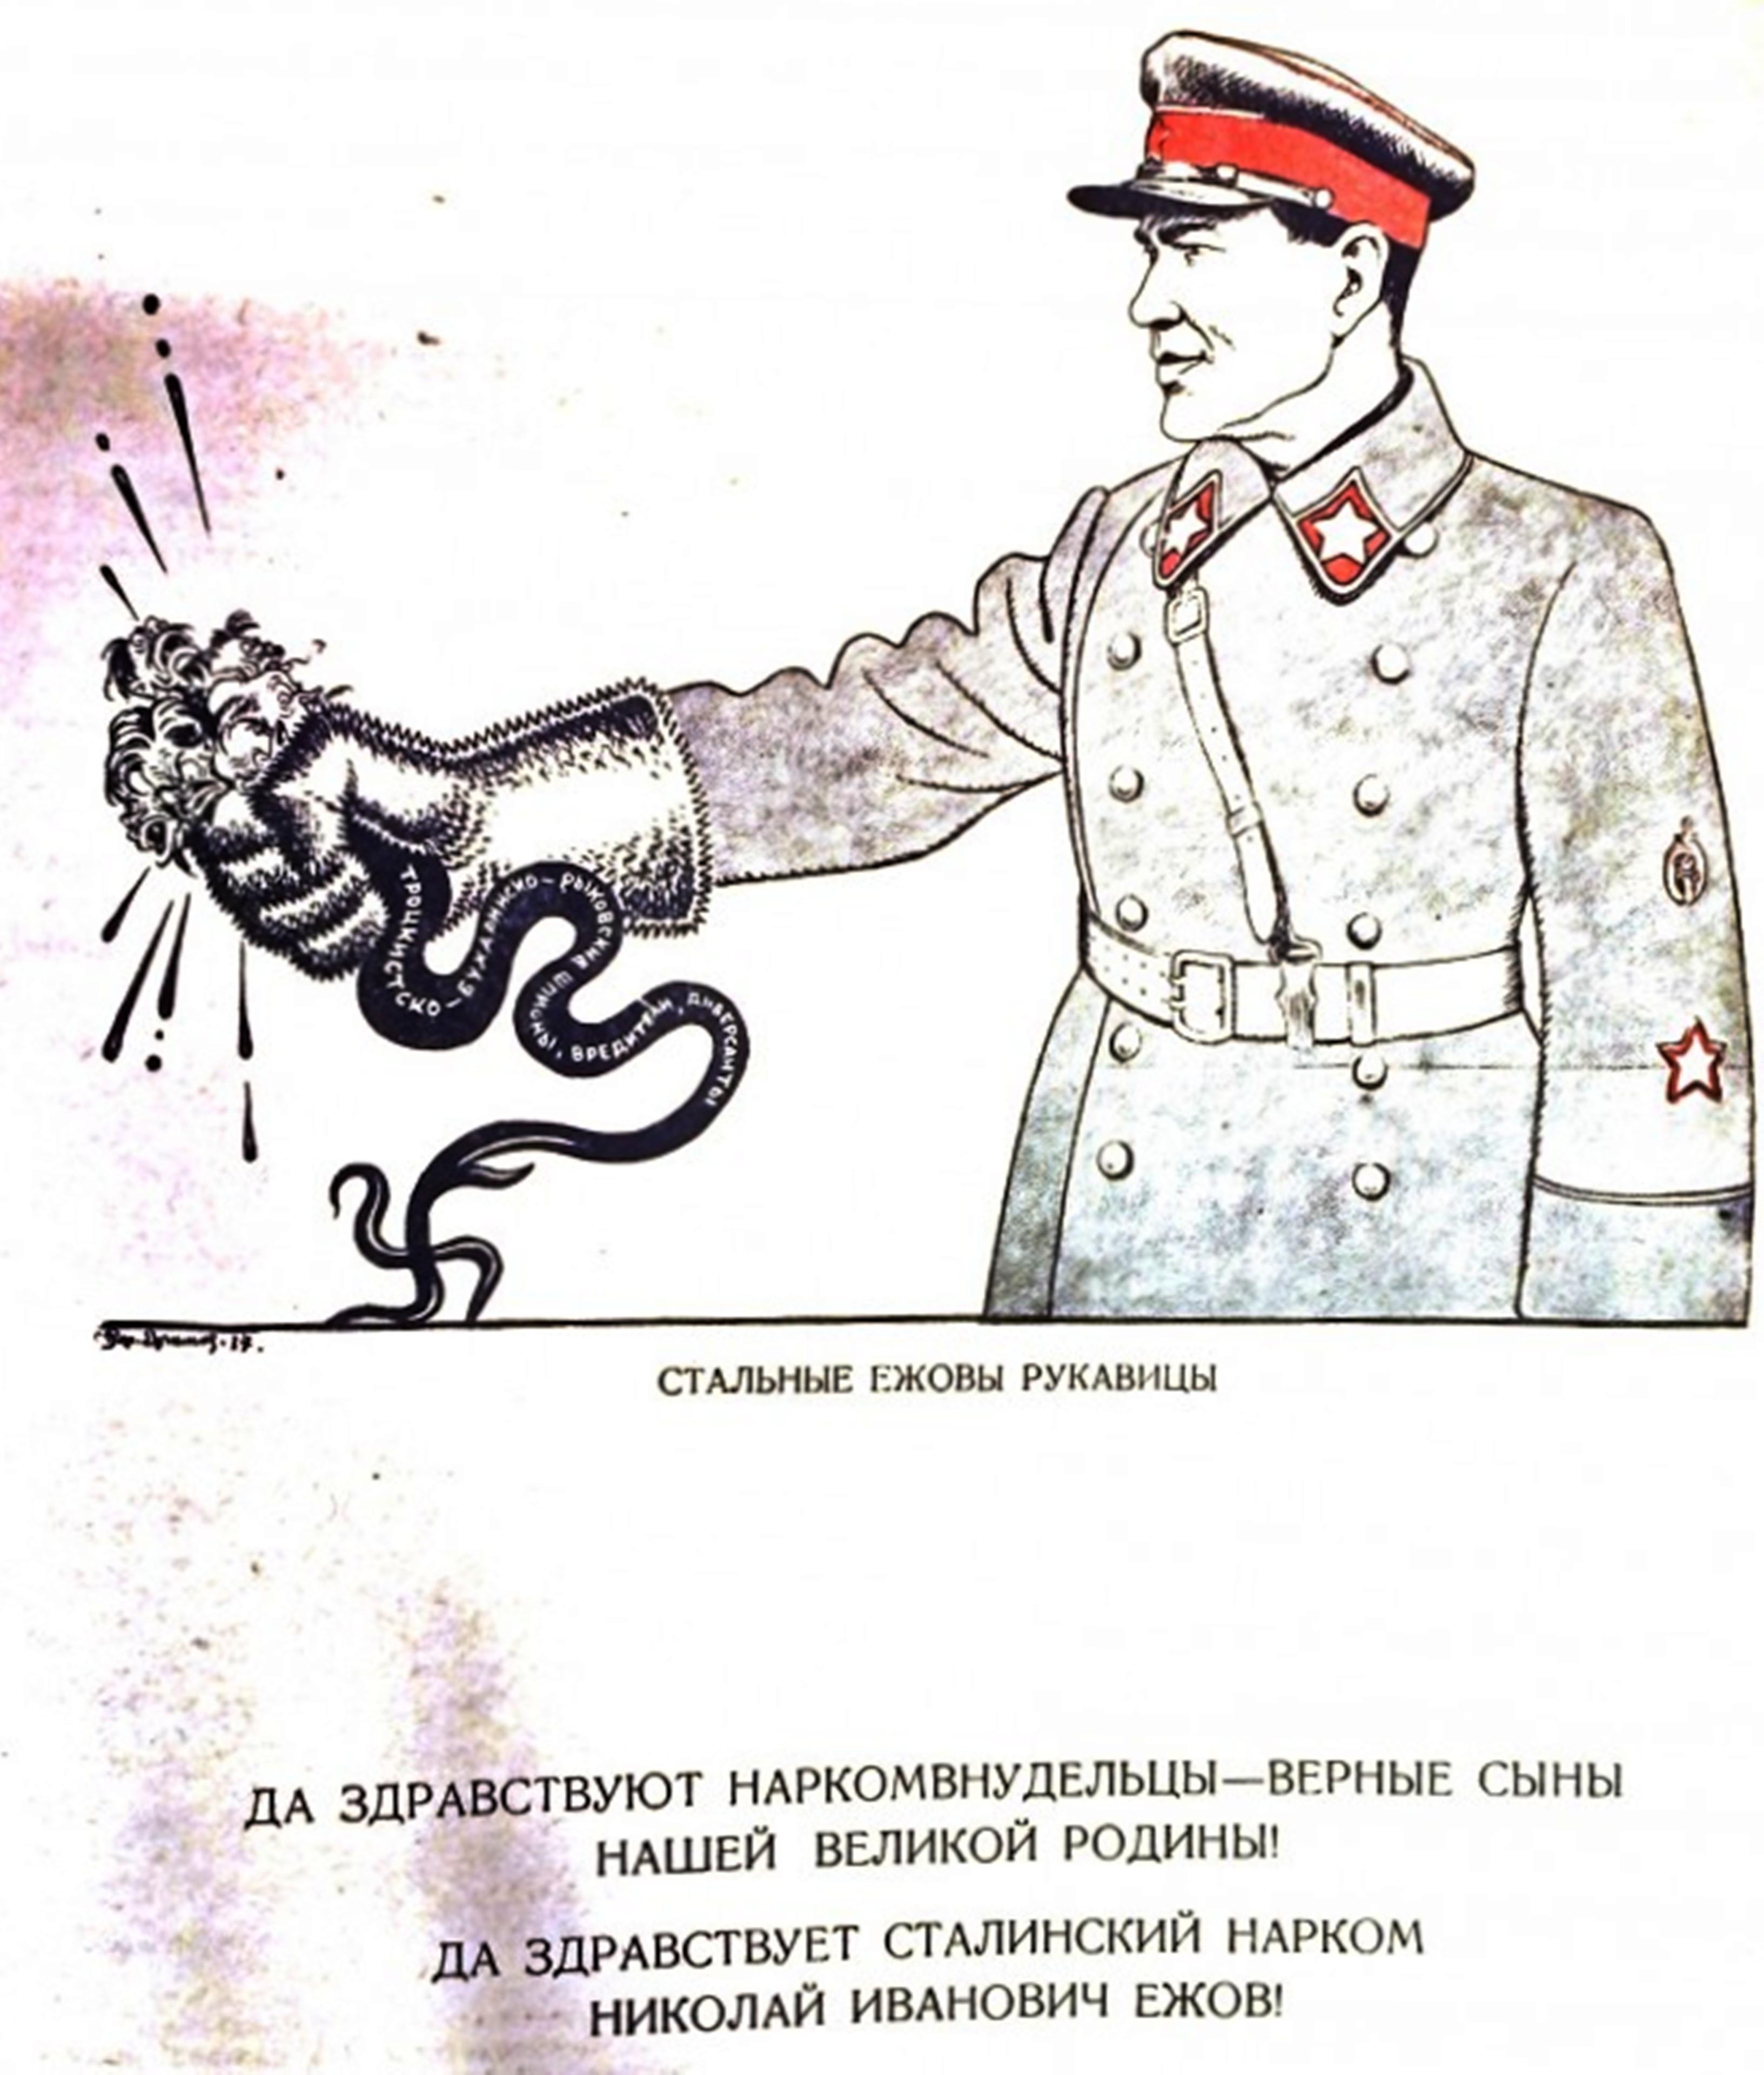 Просим поставить вопрос об изъятии из РККА...